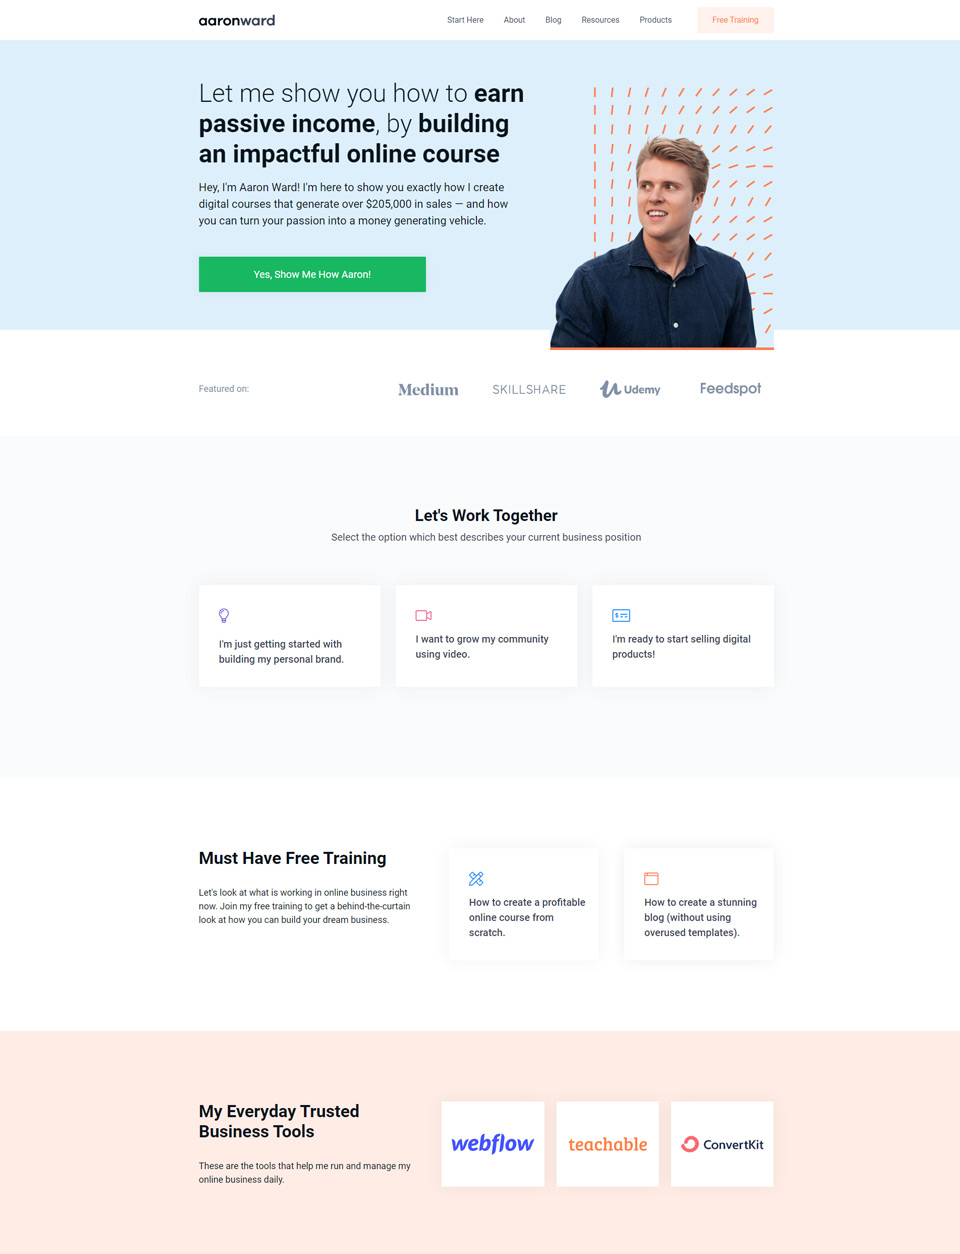 Aaron's website after changes